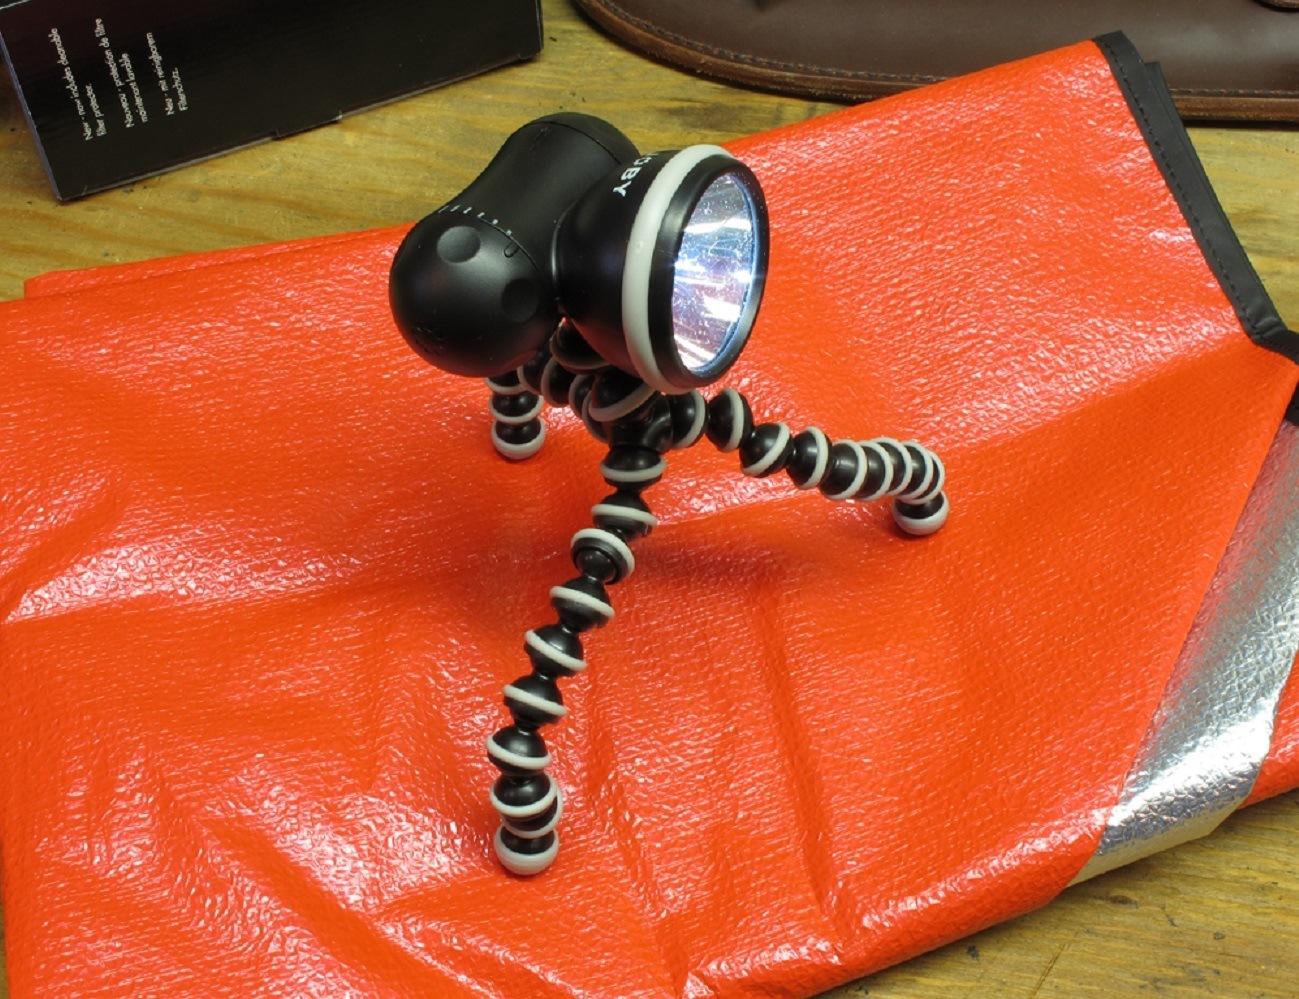 Gorillatorch Hands-Free Flashlight